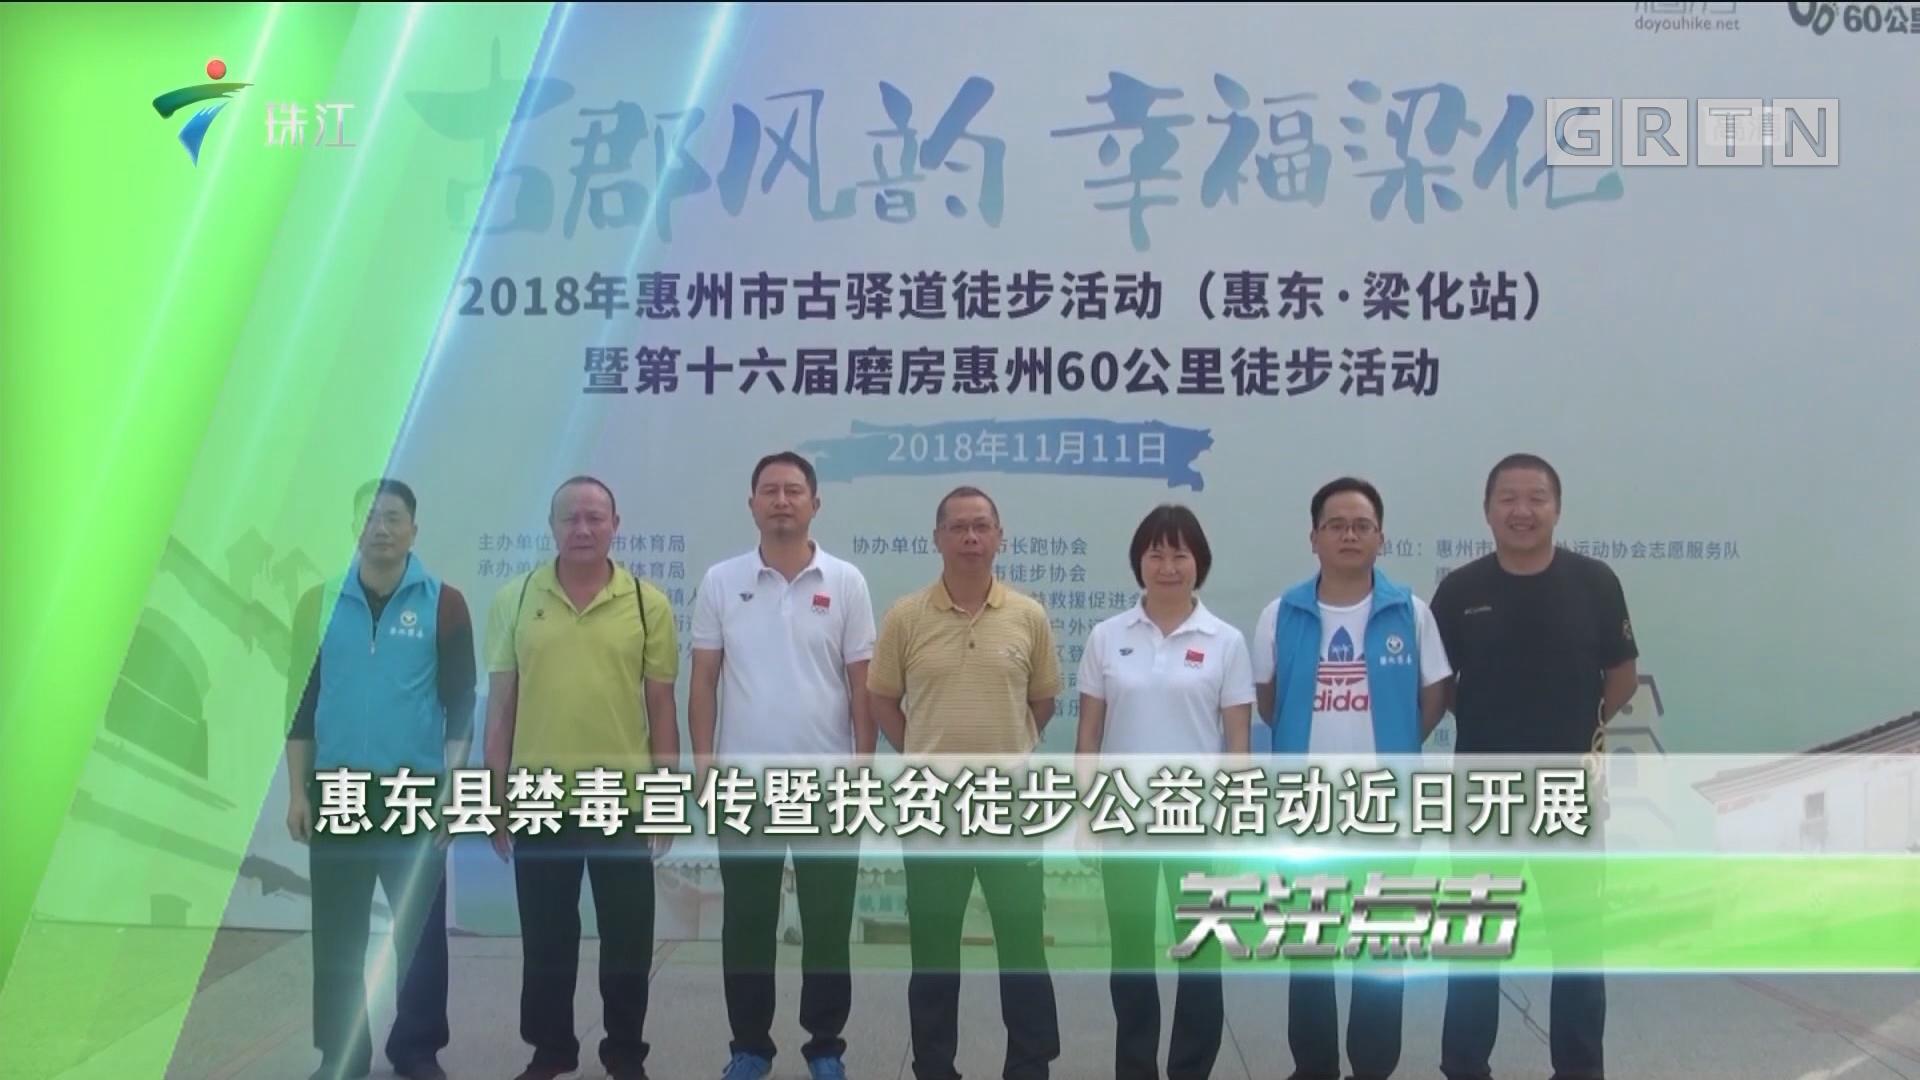 惠东县禁毒宣传暨扶贫徒步公益活动近日开展